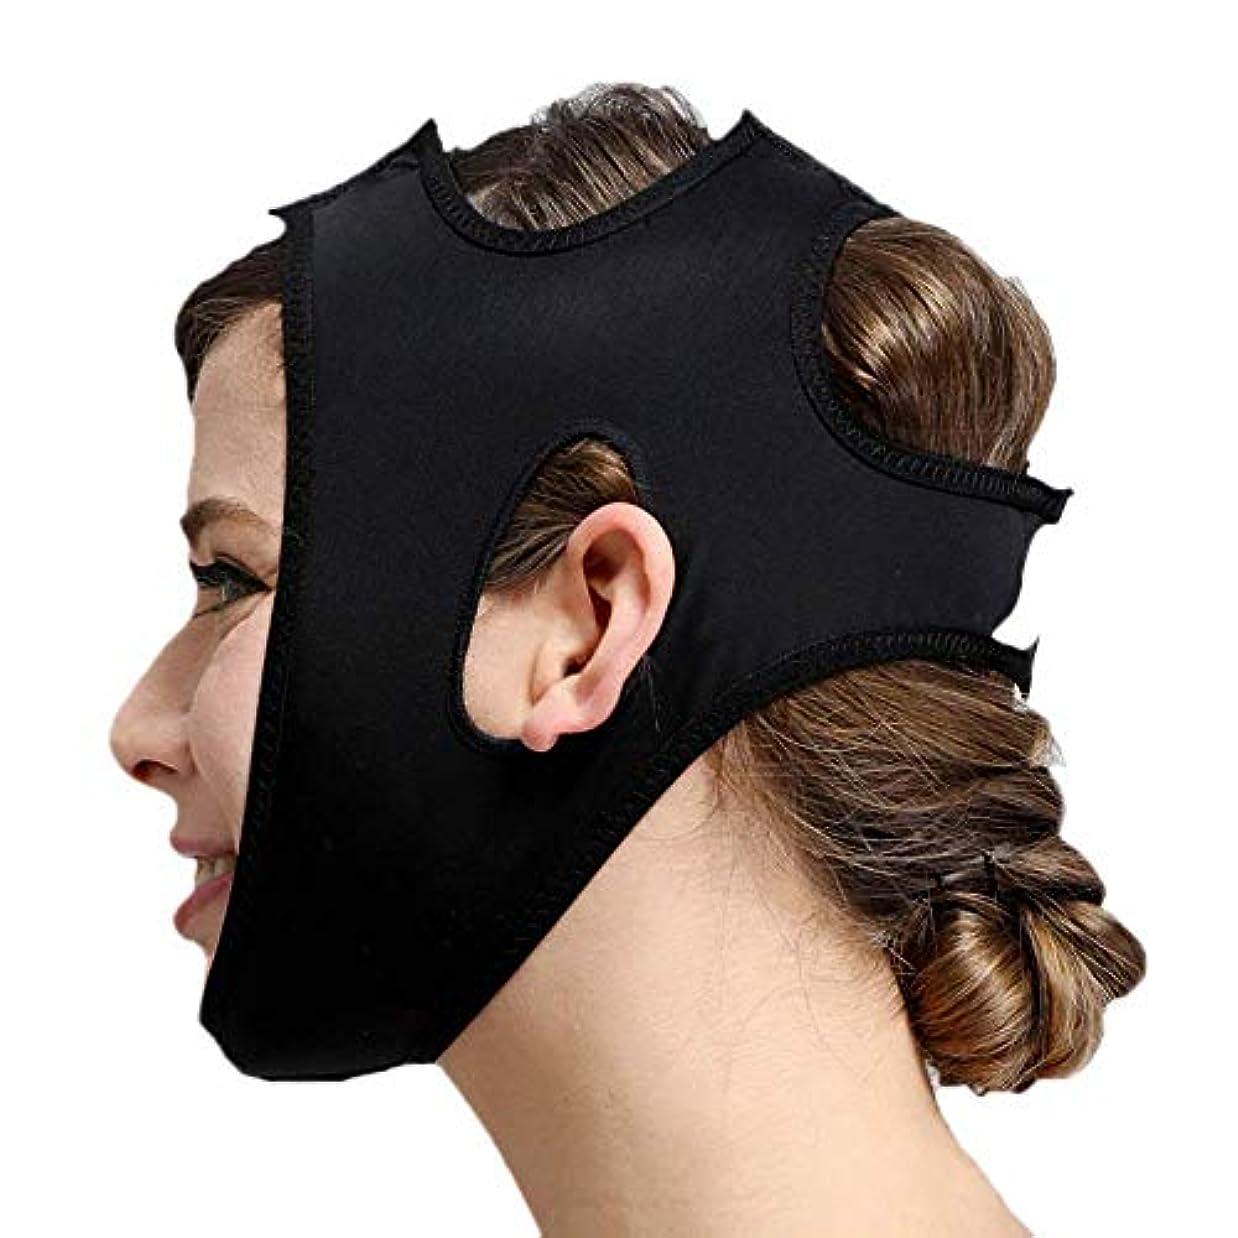 さわやか離すリールフェイススリミングマスク、快適さと通気性、フェイシャルリフティング、輪郭の改善された硬さ、ファーミングとリフティングフェイス(カラー:ブラック、サイズ:XL),黒、L